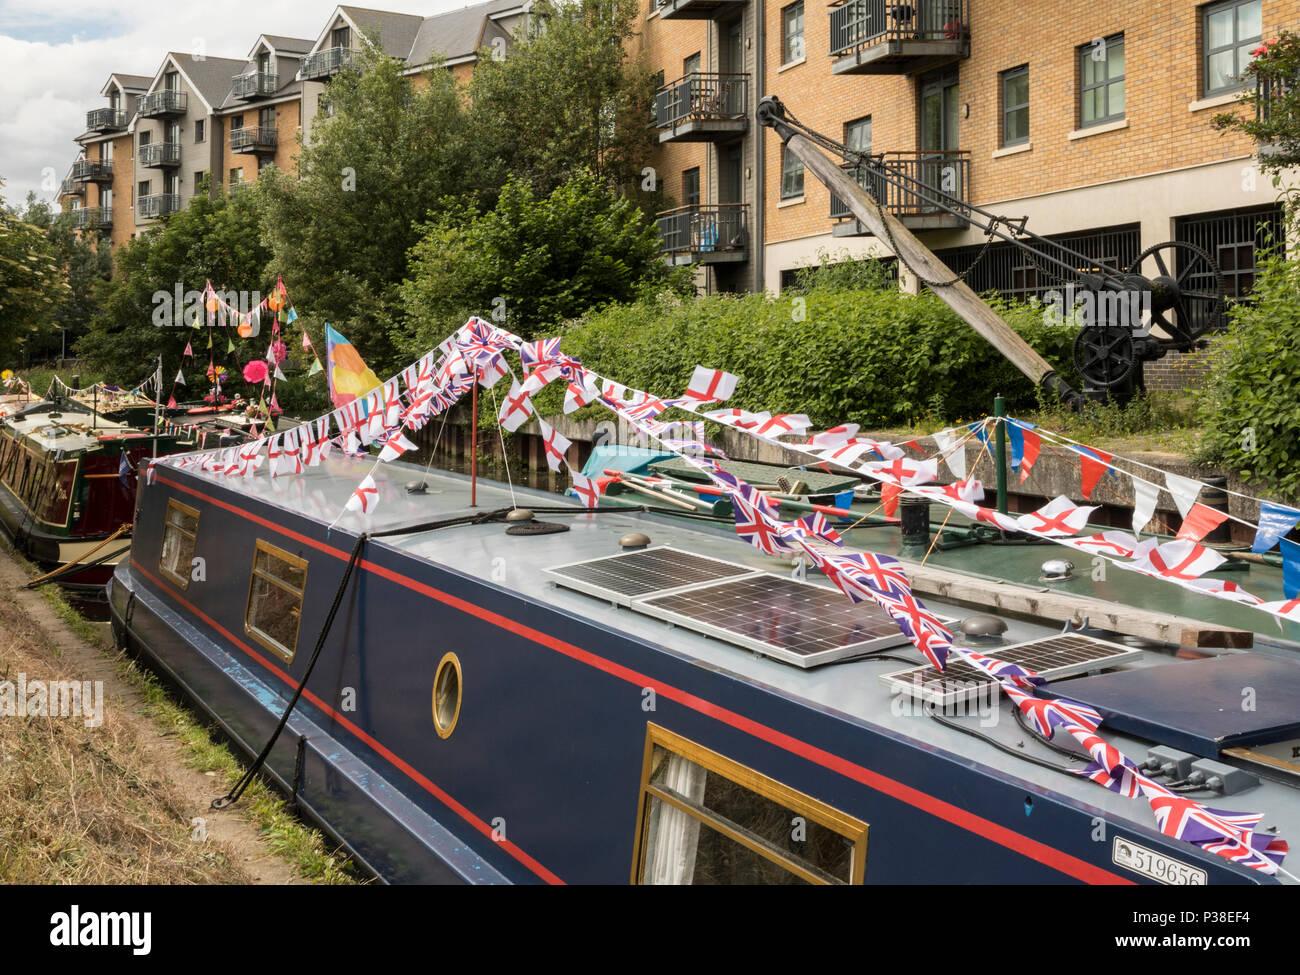 Imbarcazioni strette vestito nel complesso sul fiume Stort per Festival Immagini Stock